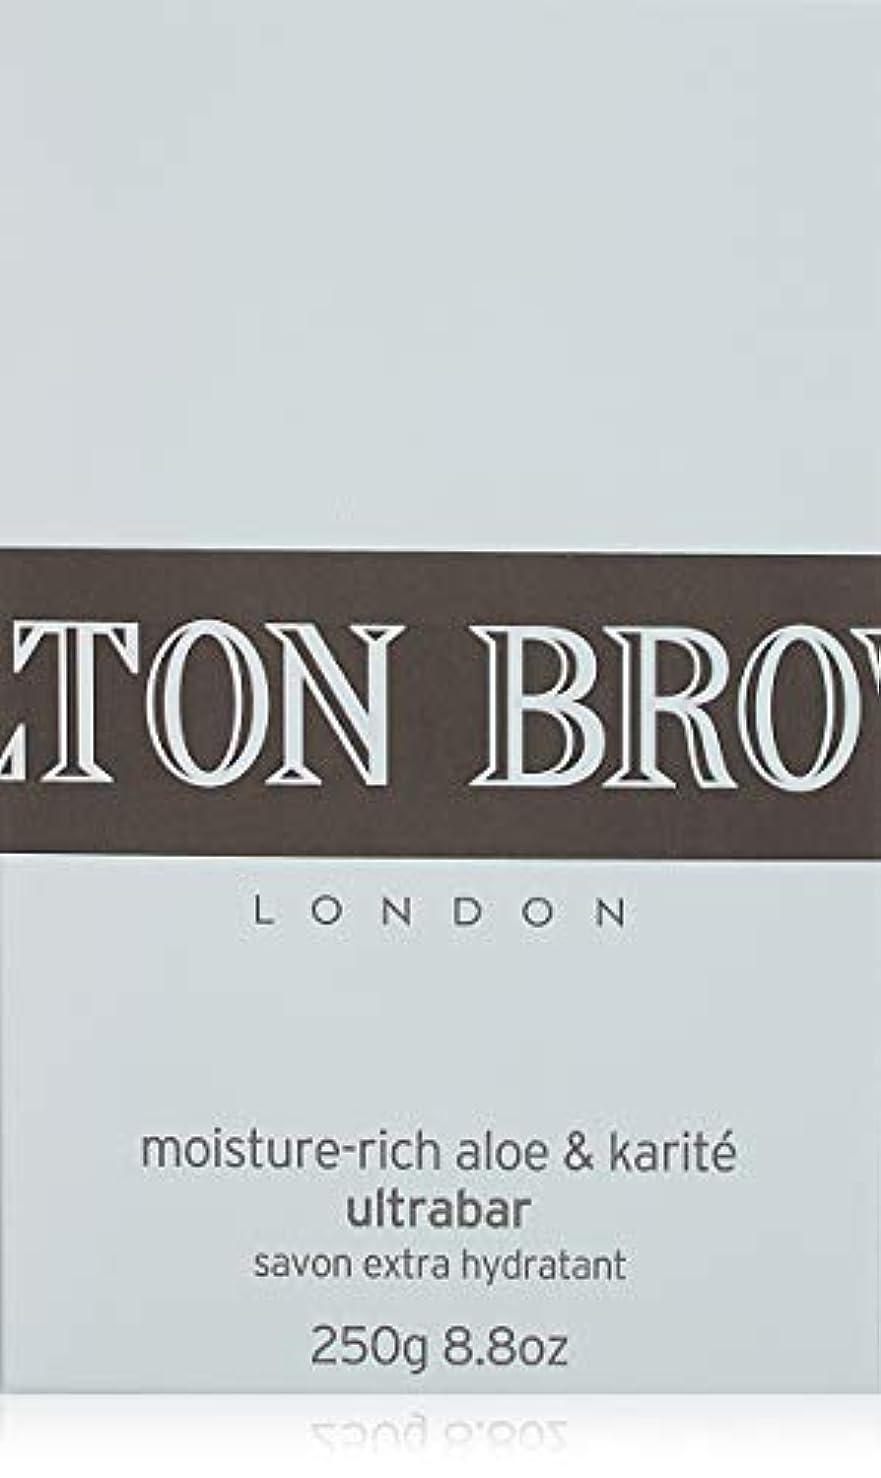 ドキドキ署名困惑するMOLTON BROWN(モルトンブラウン) モイスチャーリッチ アロエ&カリテ ウルトラバー 石鹸 250g